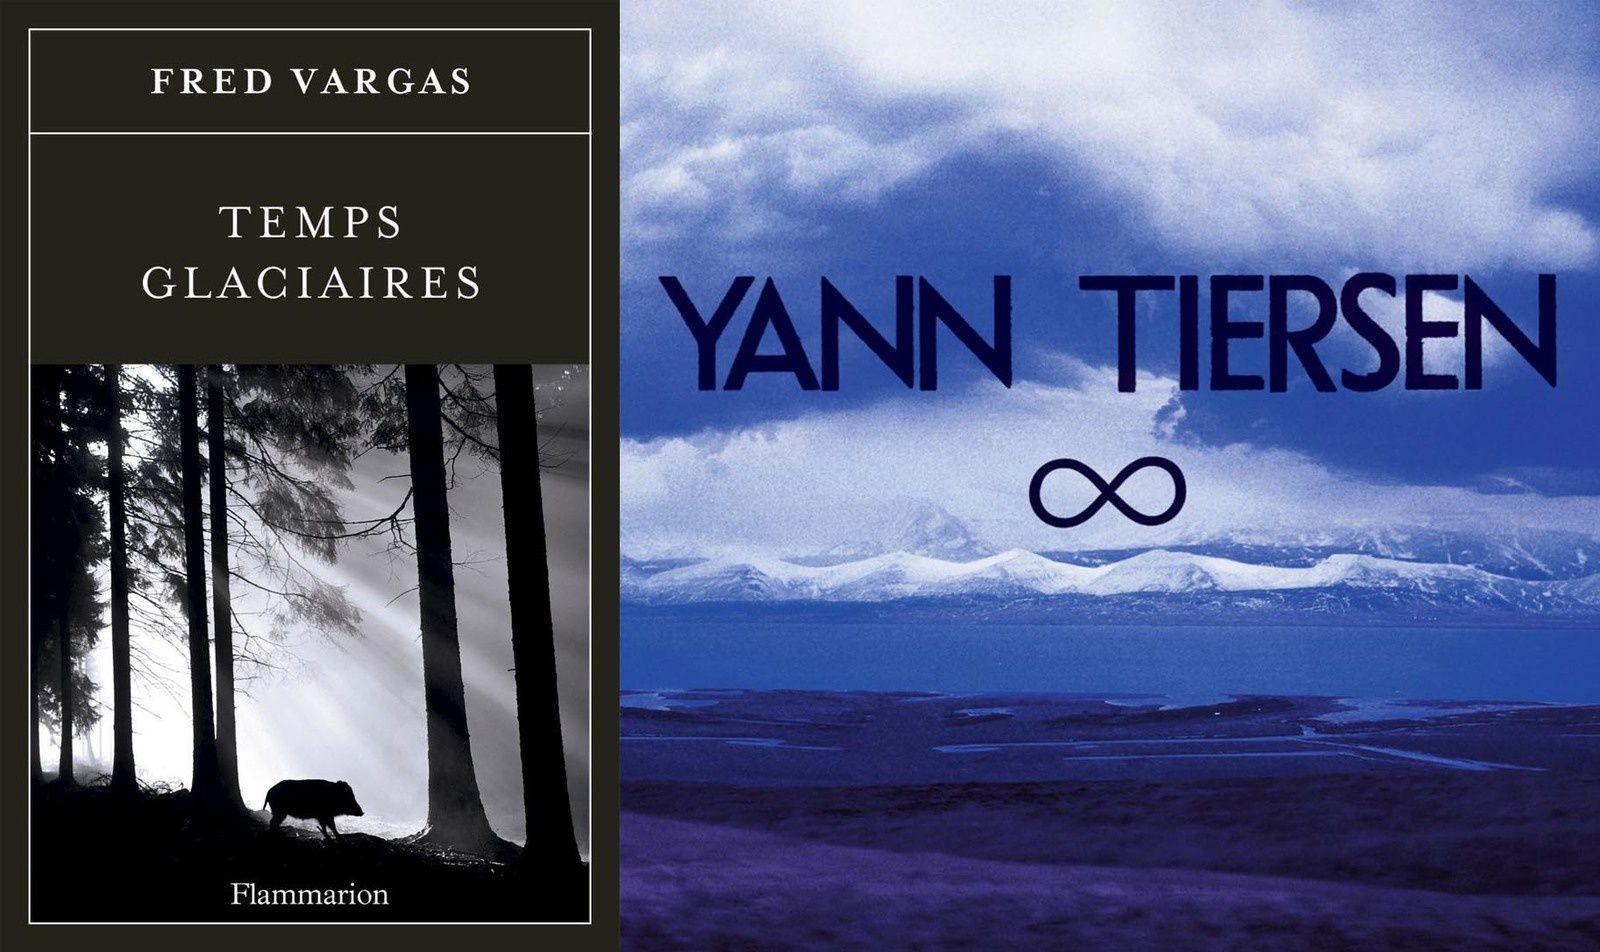 Fred Vargas &quot&#x3B;Temps glaciaires&quot&#x3B; / Yann Tiersen &quot&#x3B; ∞ &quot&#x3B;